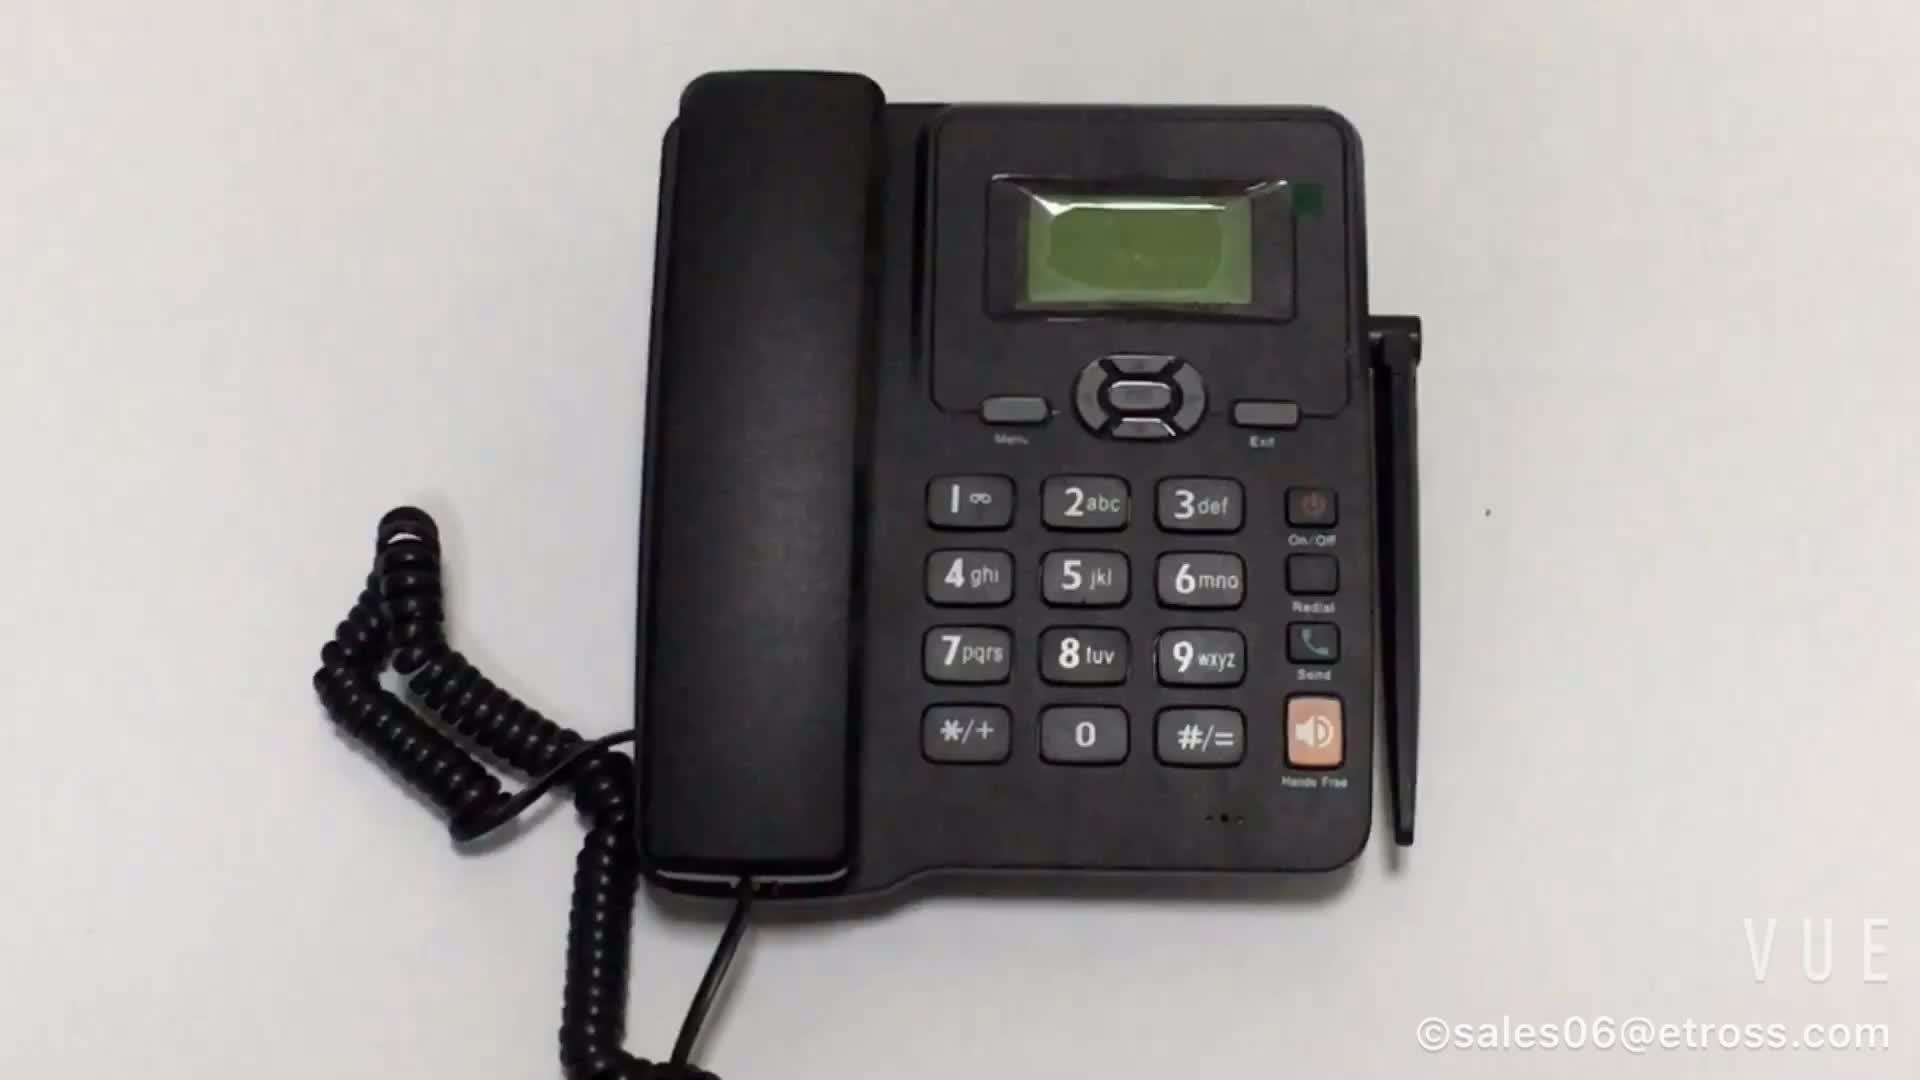 GSM Cố Định Không Dây Máy Tính Để Bàn 2G Kinh Doanh Điện Thoại/nhà sử dụng điện thoại cố định